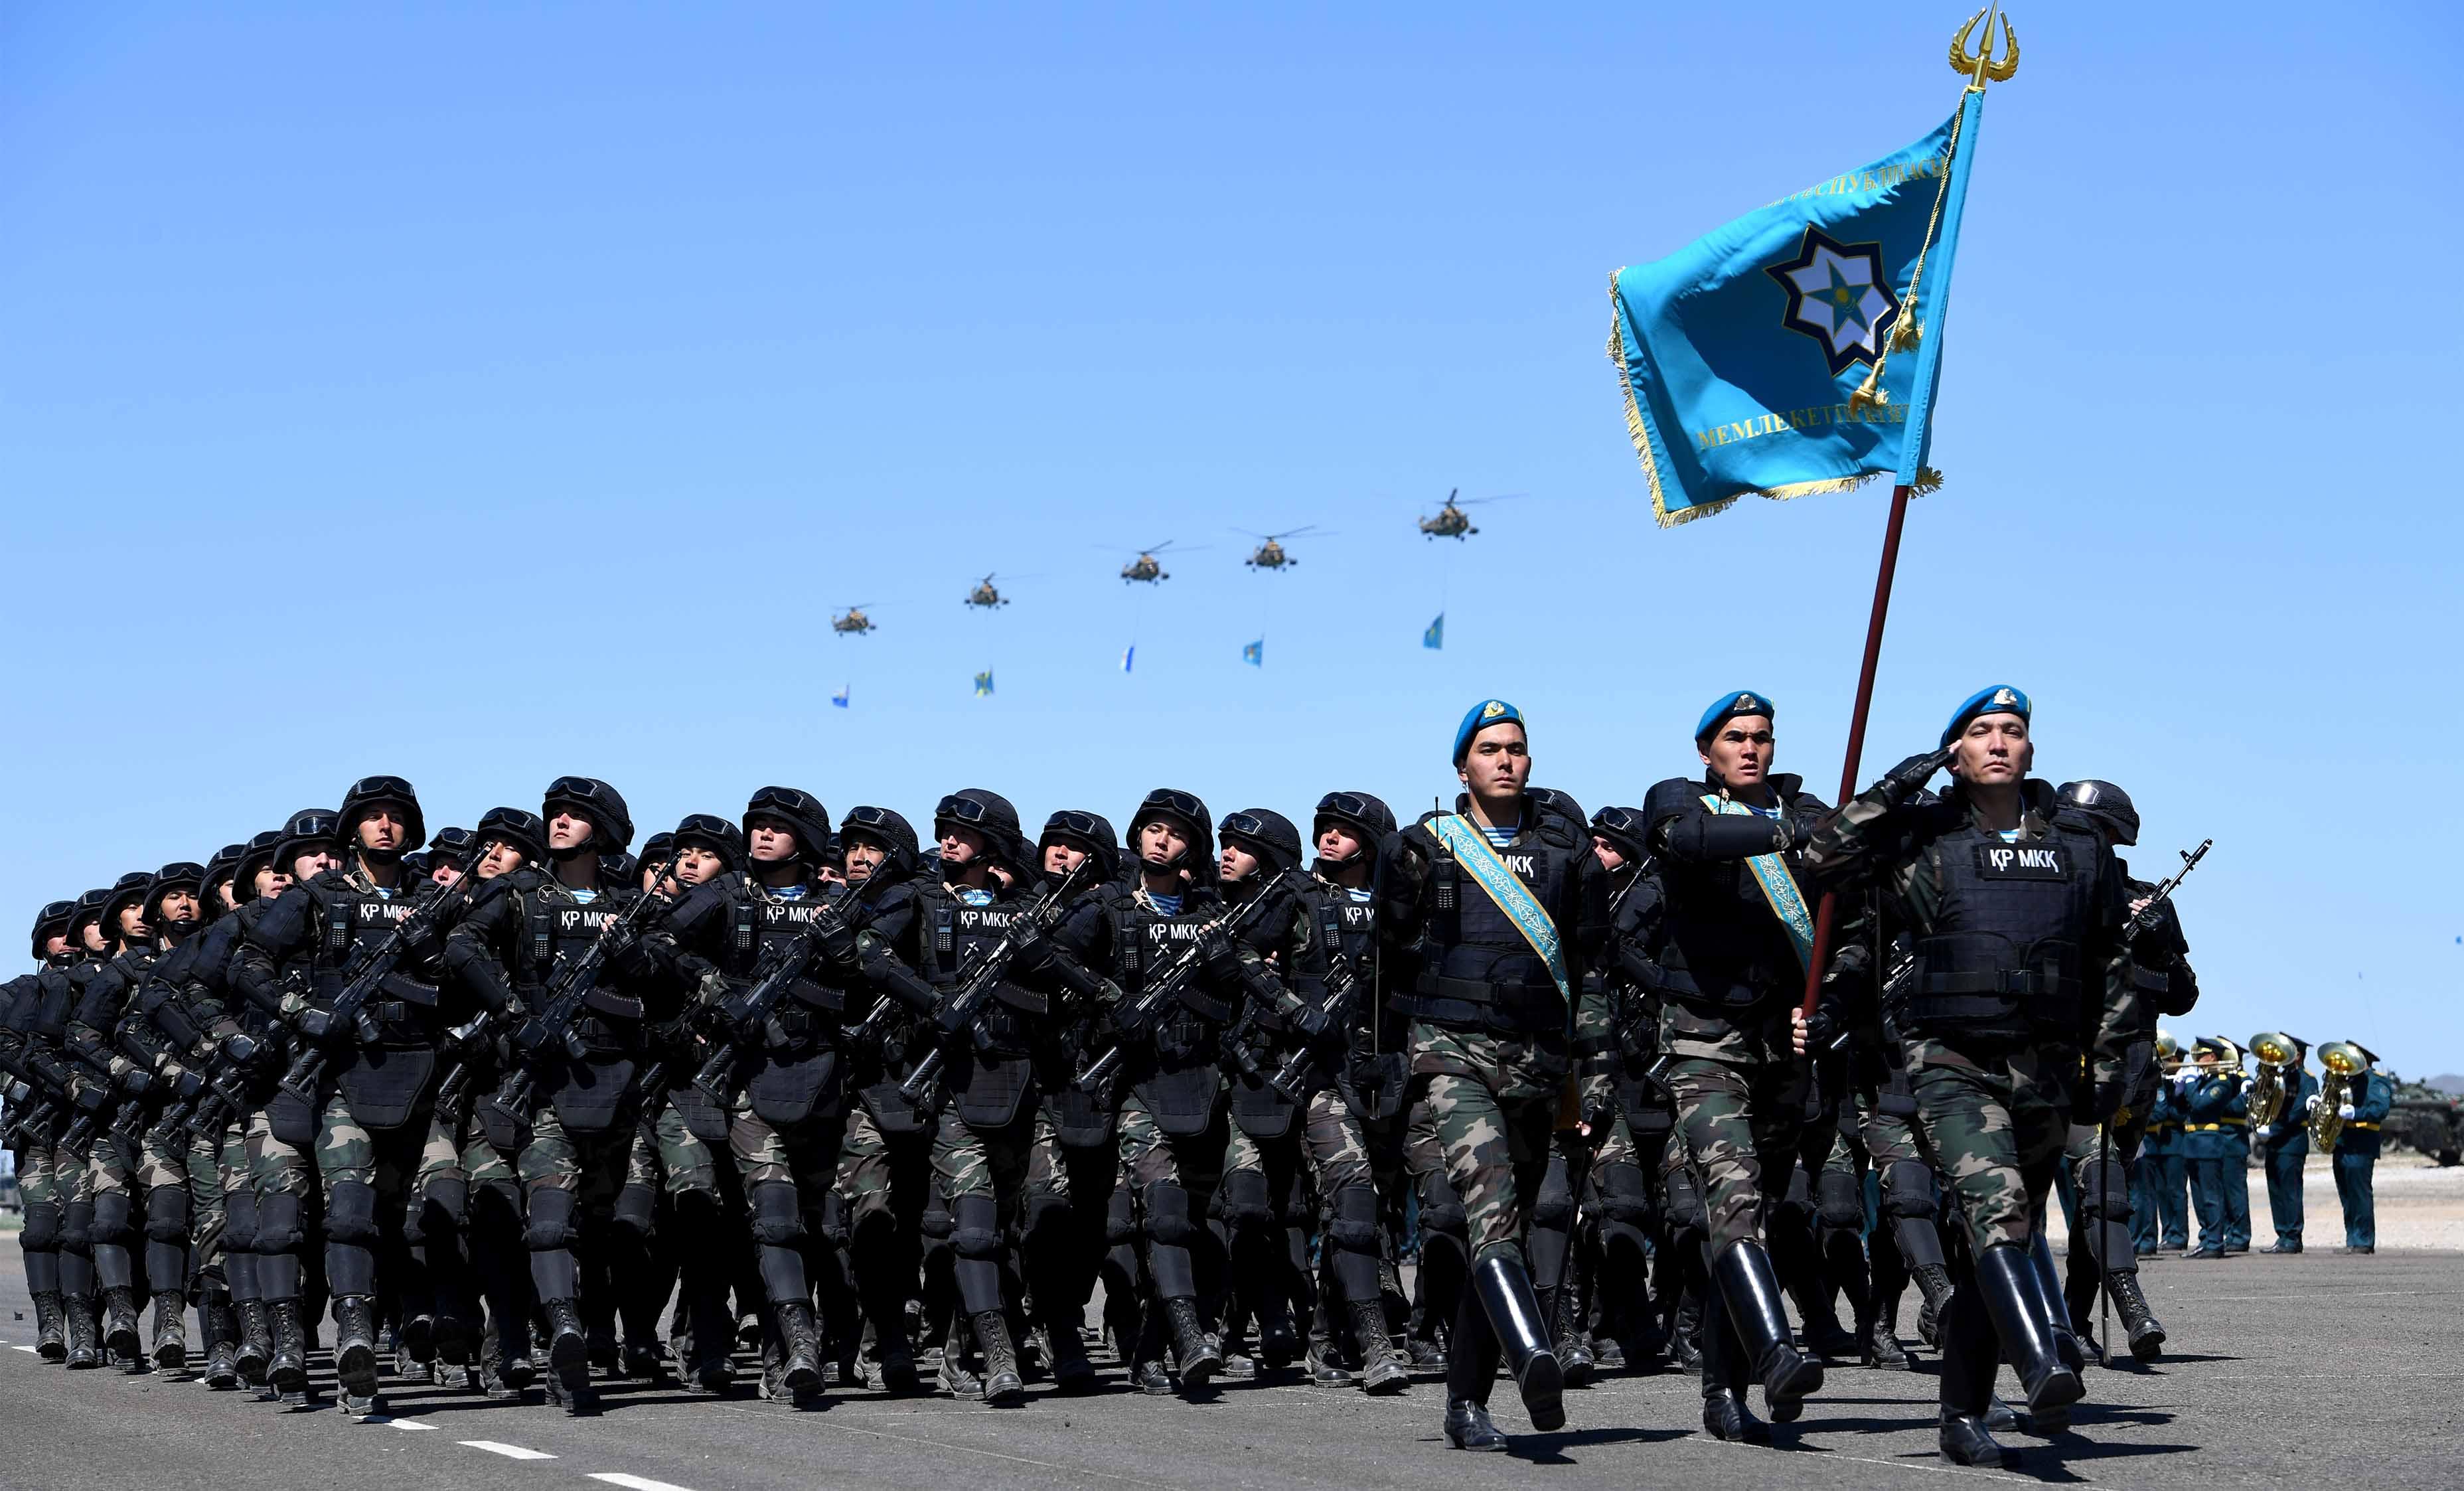 Die kasachische Armee hat eine neue Spezialeinheit zur Abwehr von Cyberattacken